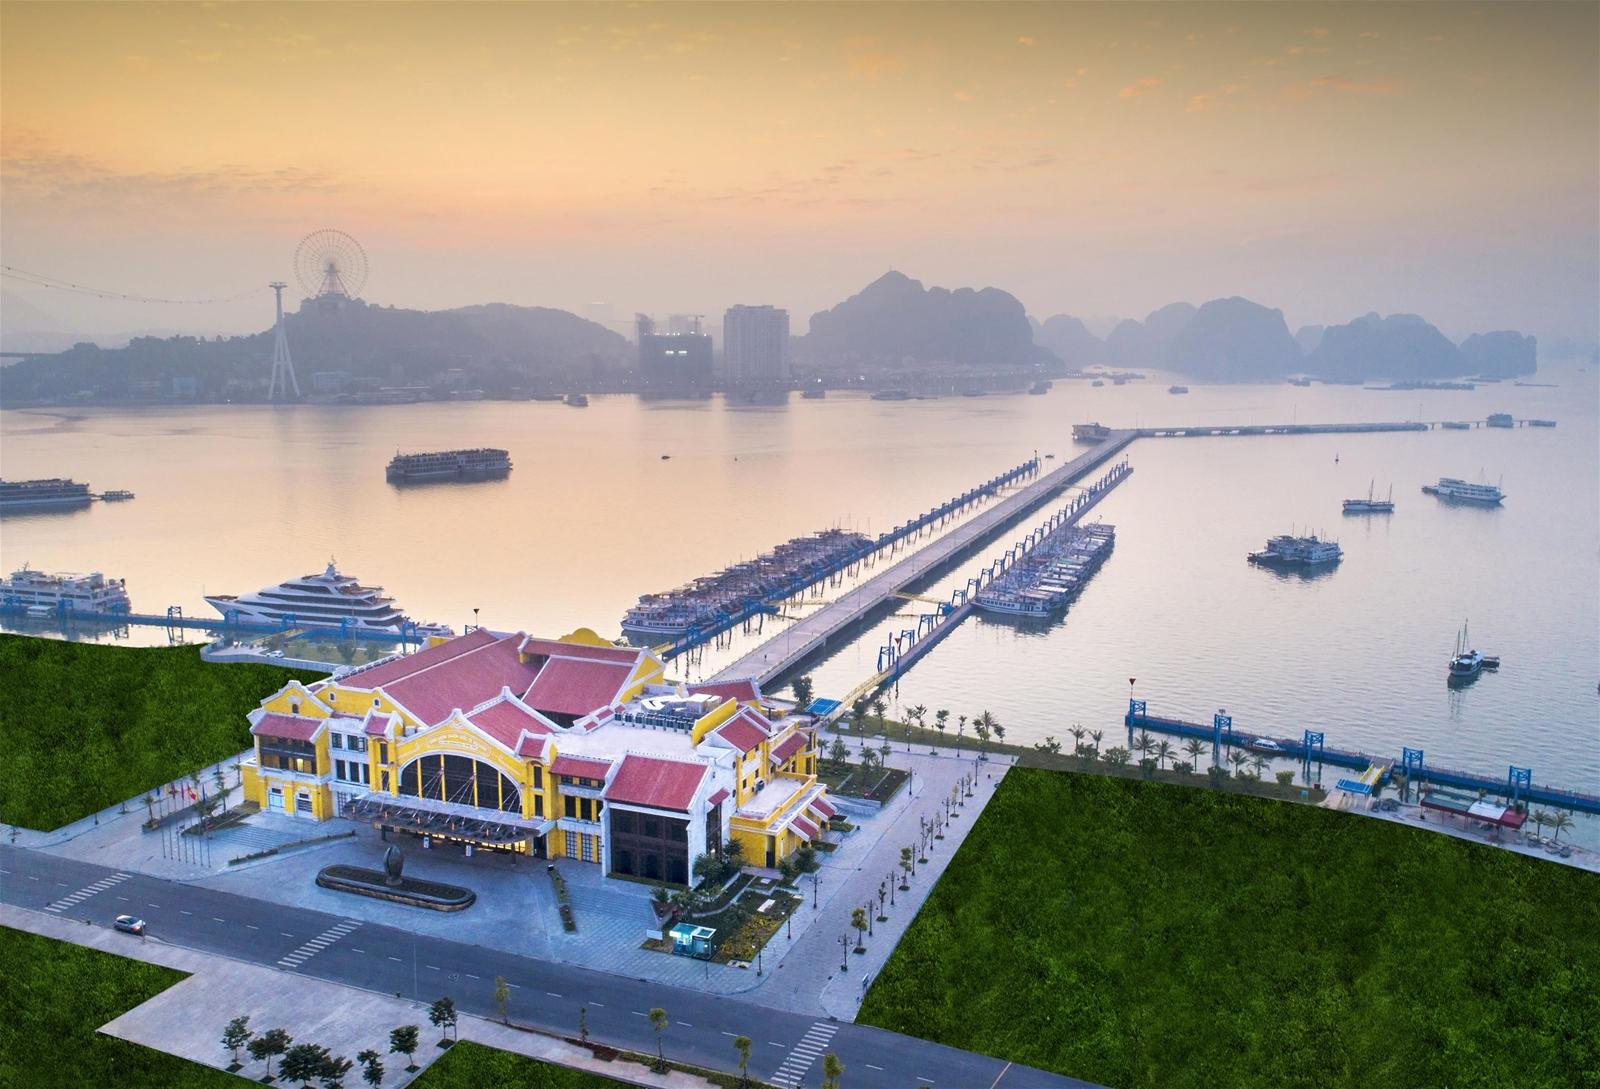 Miễn phí hành khách qua Cảng tàu khách quốc tế Hạ Long khi tham quan vịnh